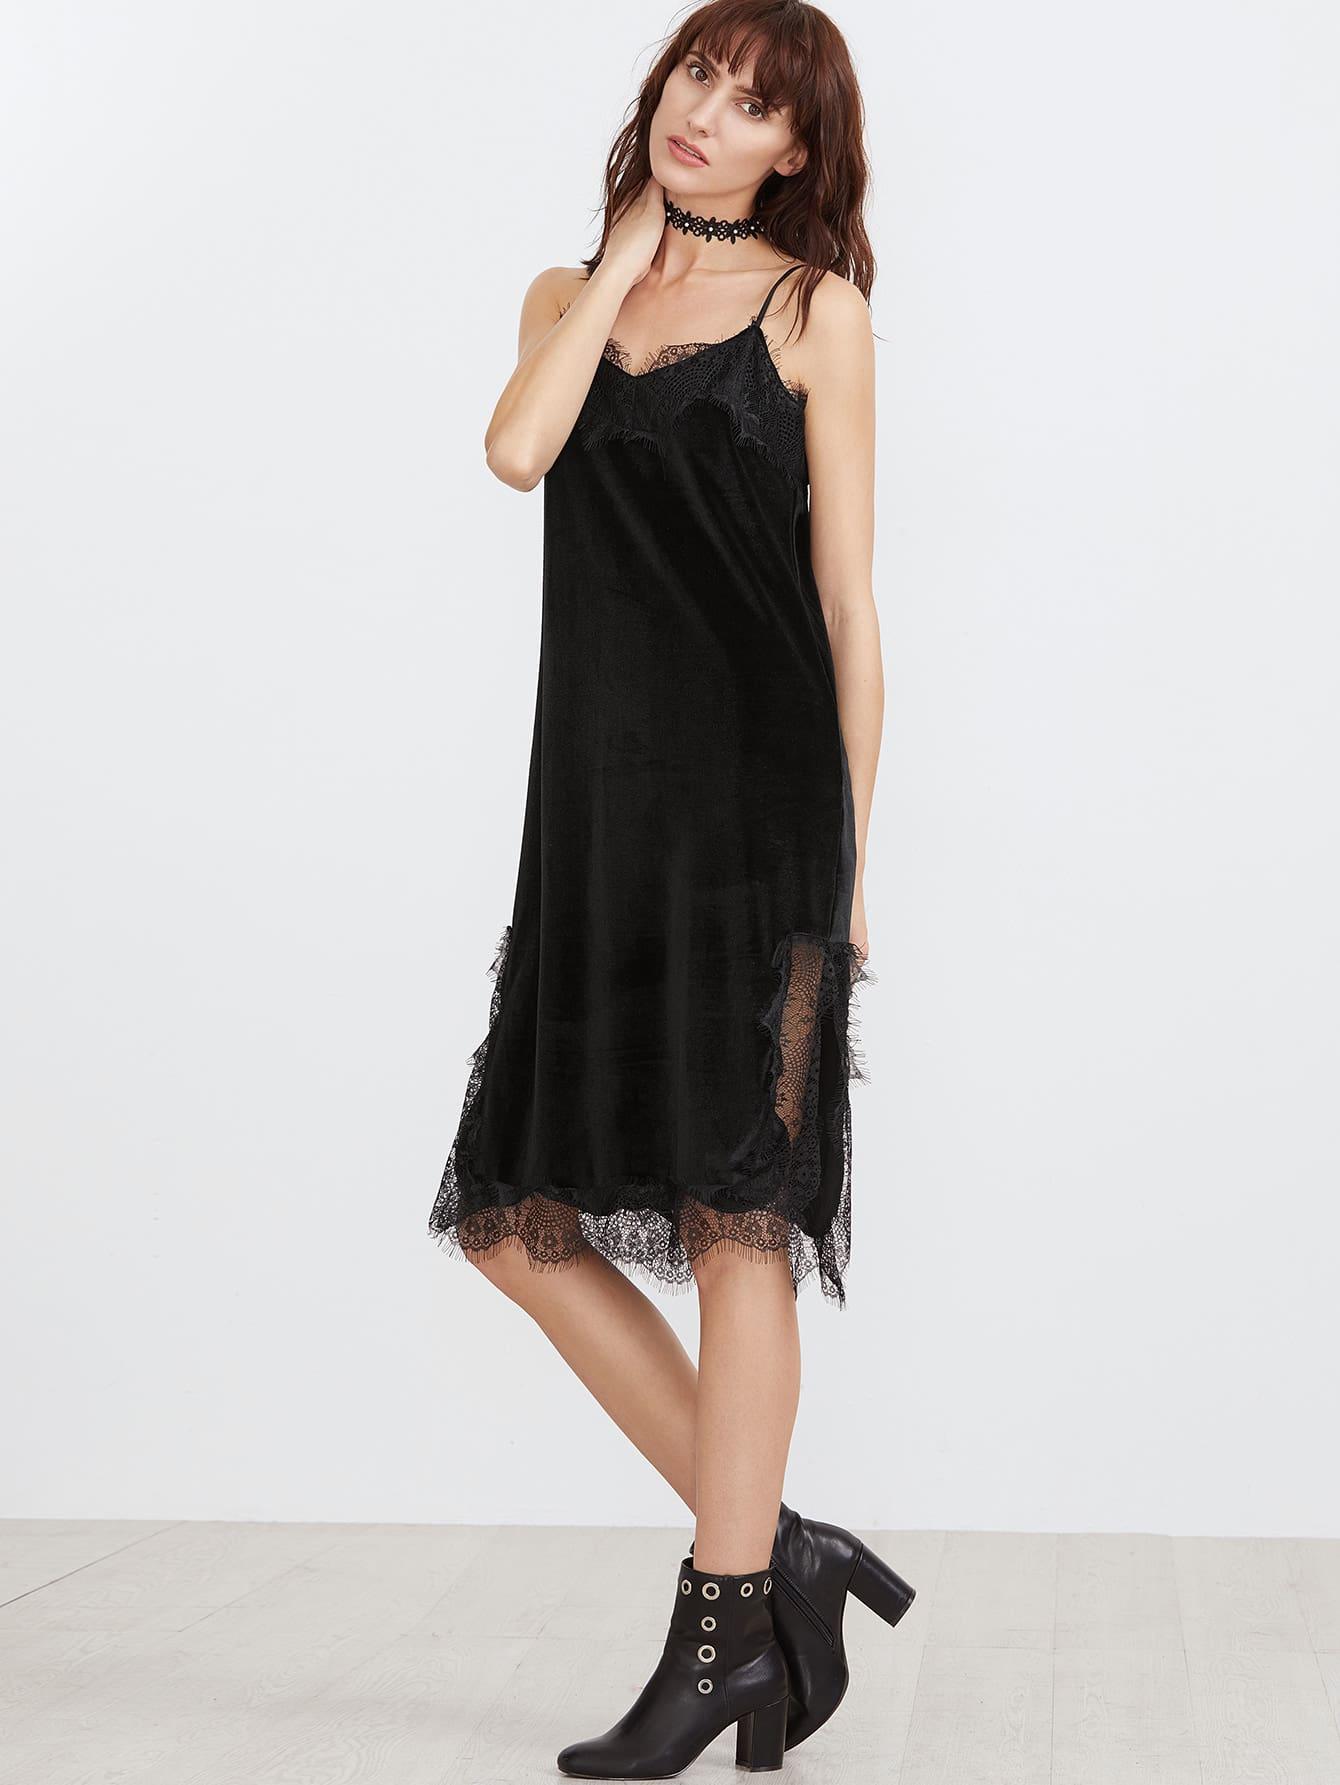 Black Lace Trim Side Slit Velvet Cami Dress dress161221453